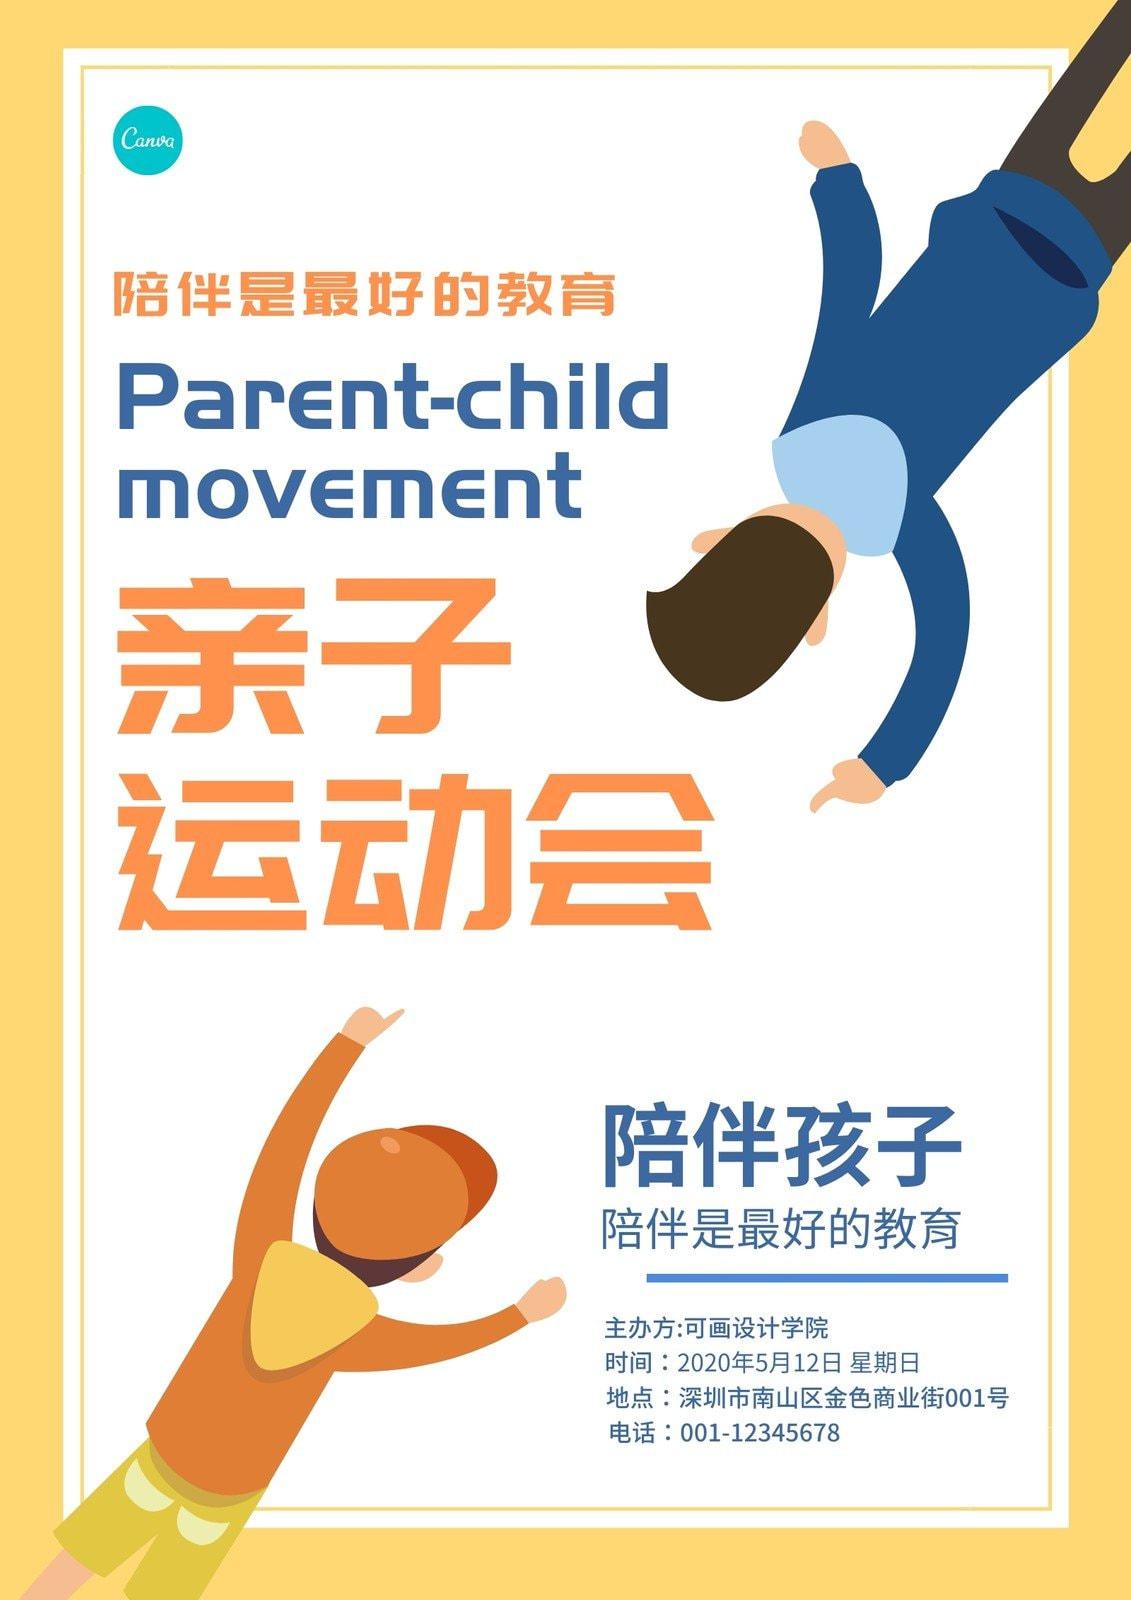 黄蓝色亲子矢量校园宣传中文海报